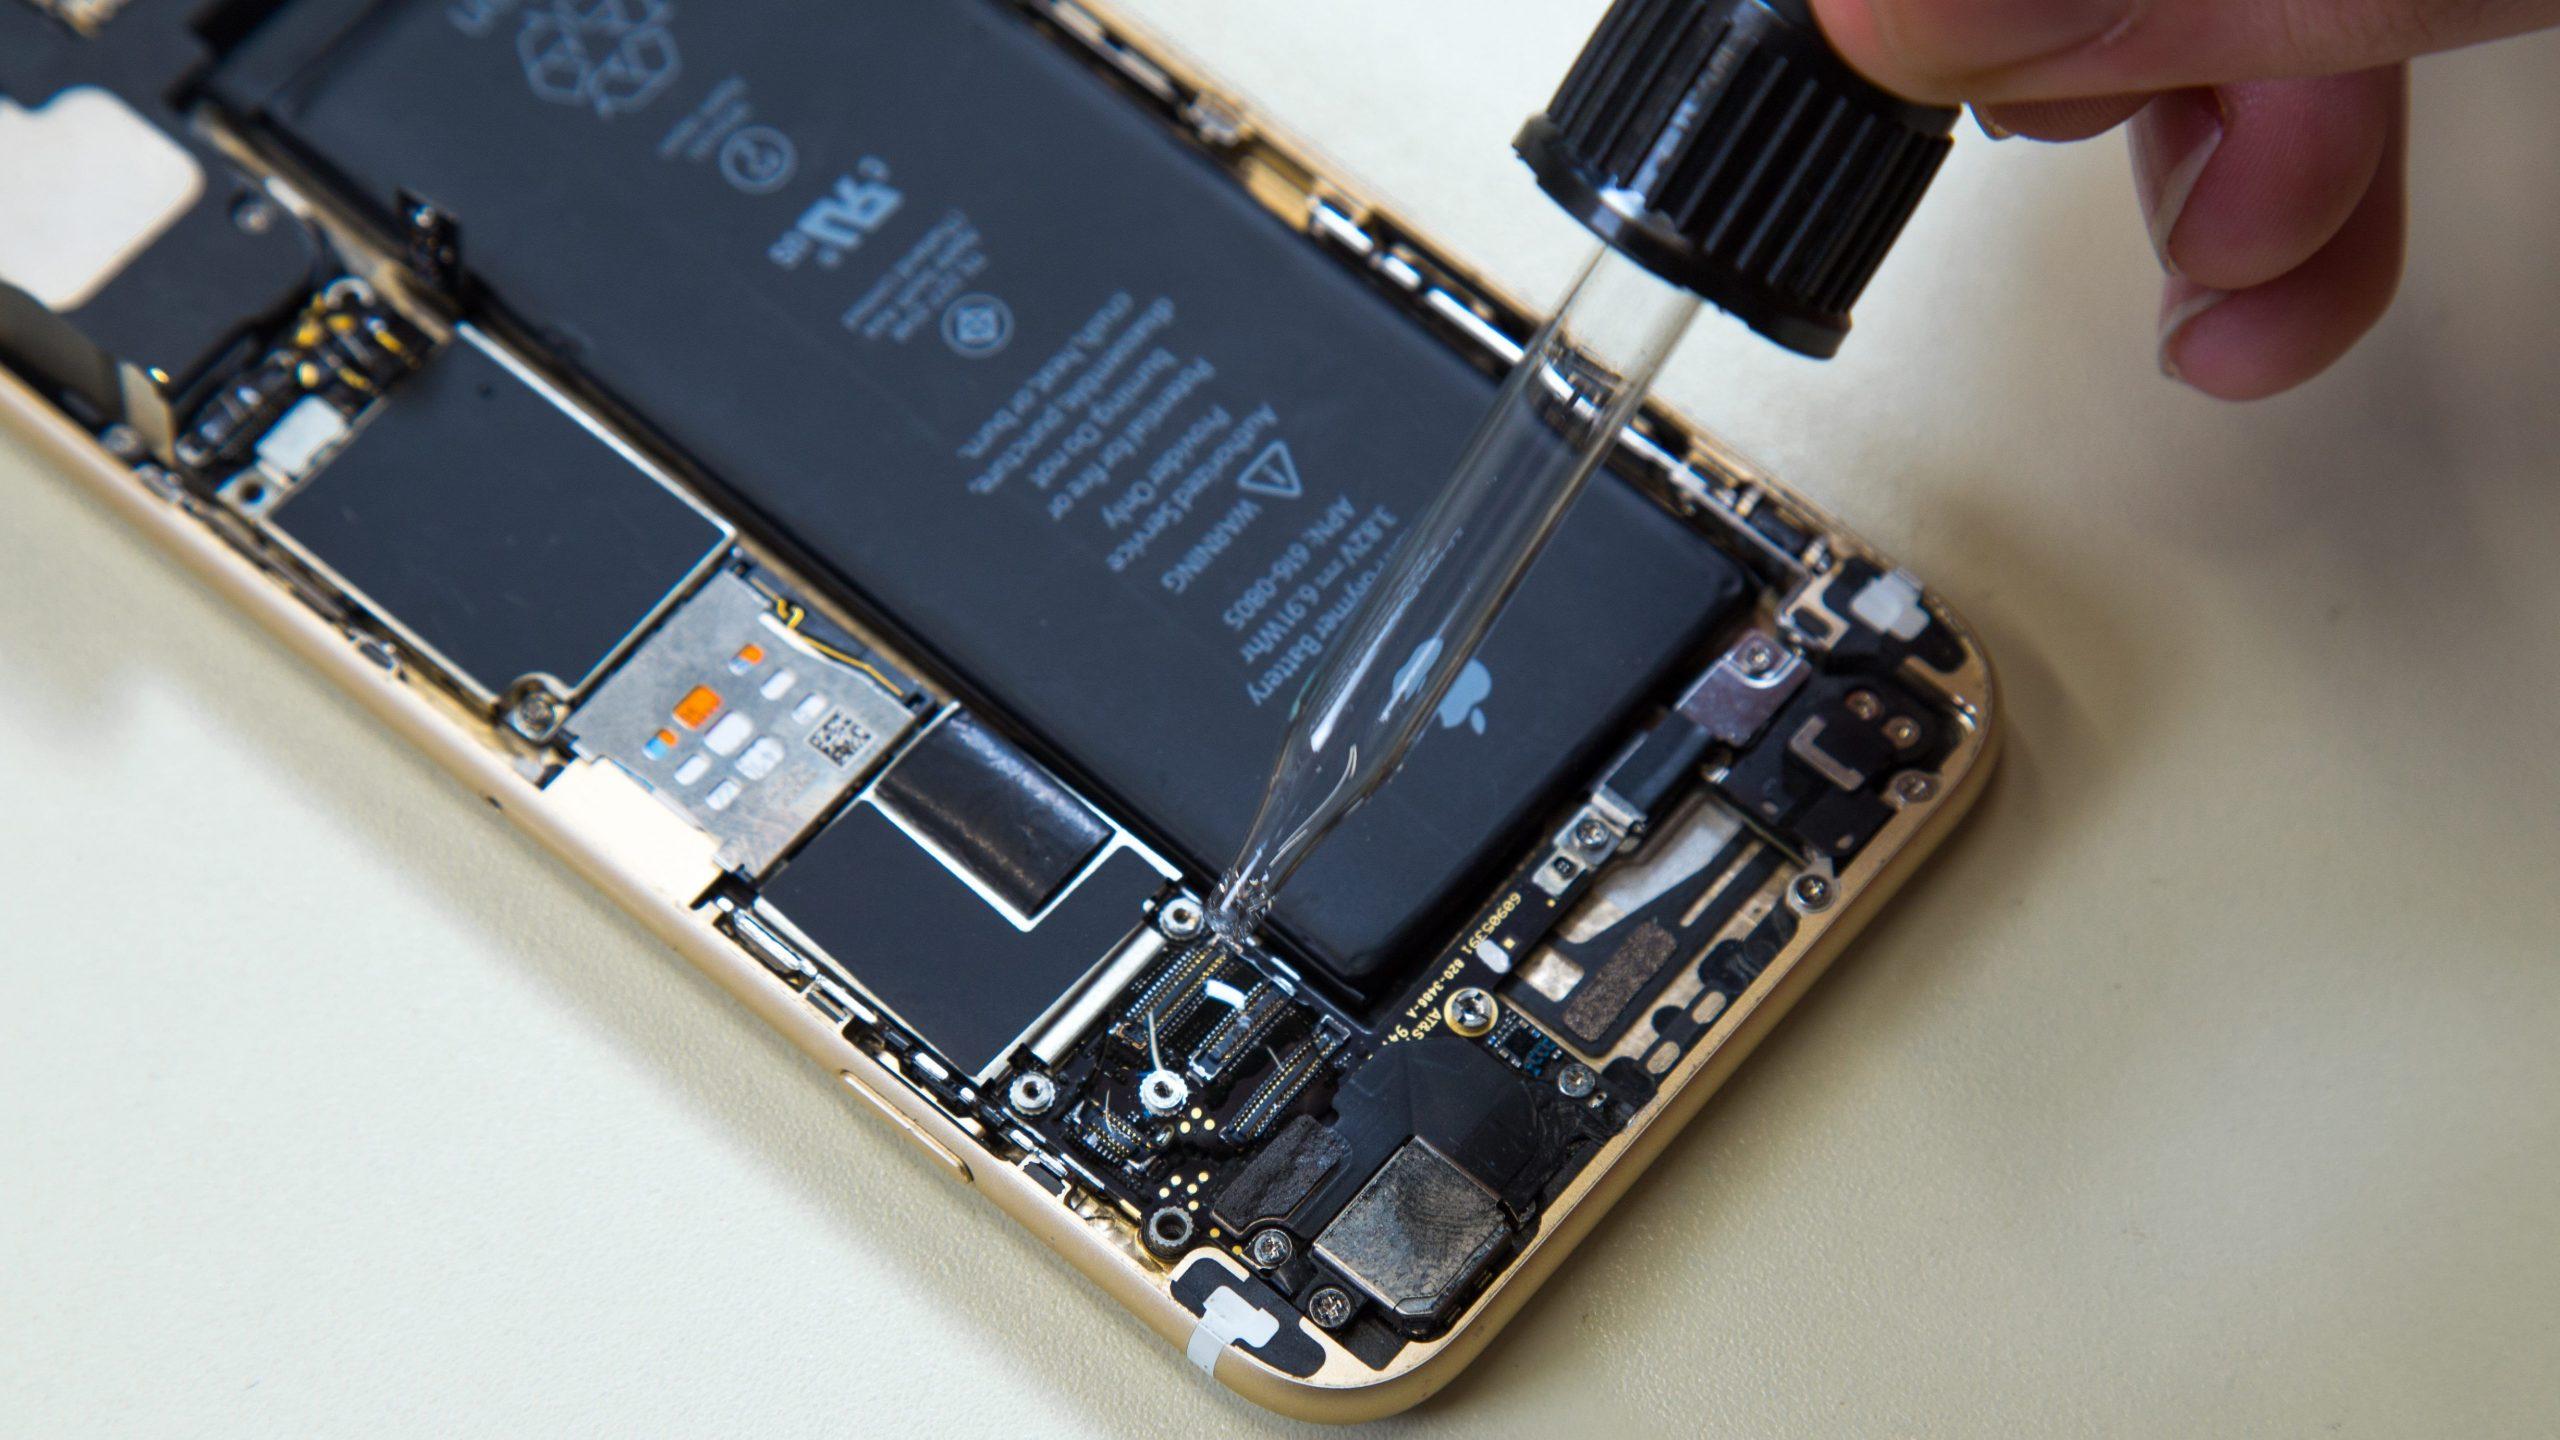 با ابزار تعمیرات ما مهارت خود را نشان دهید ابزارک موبایل